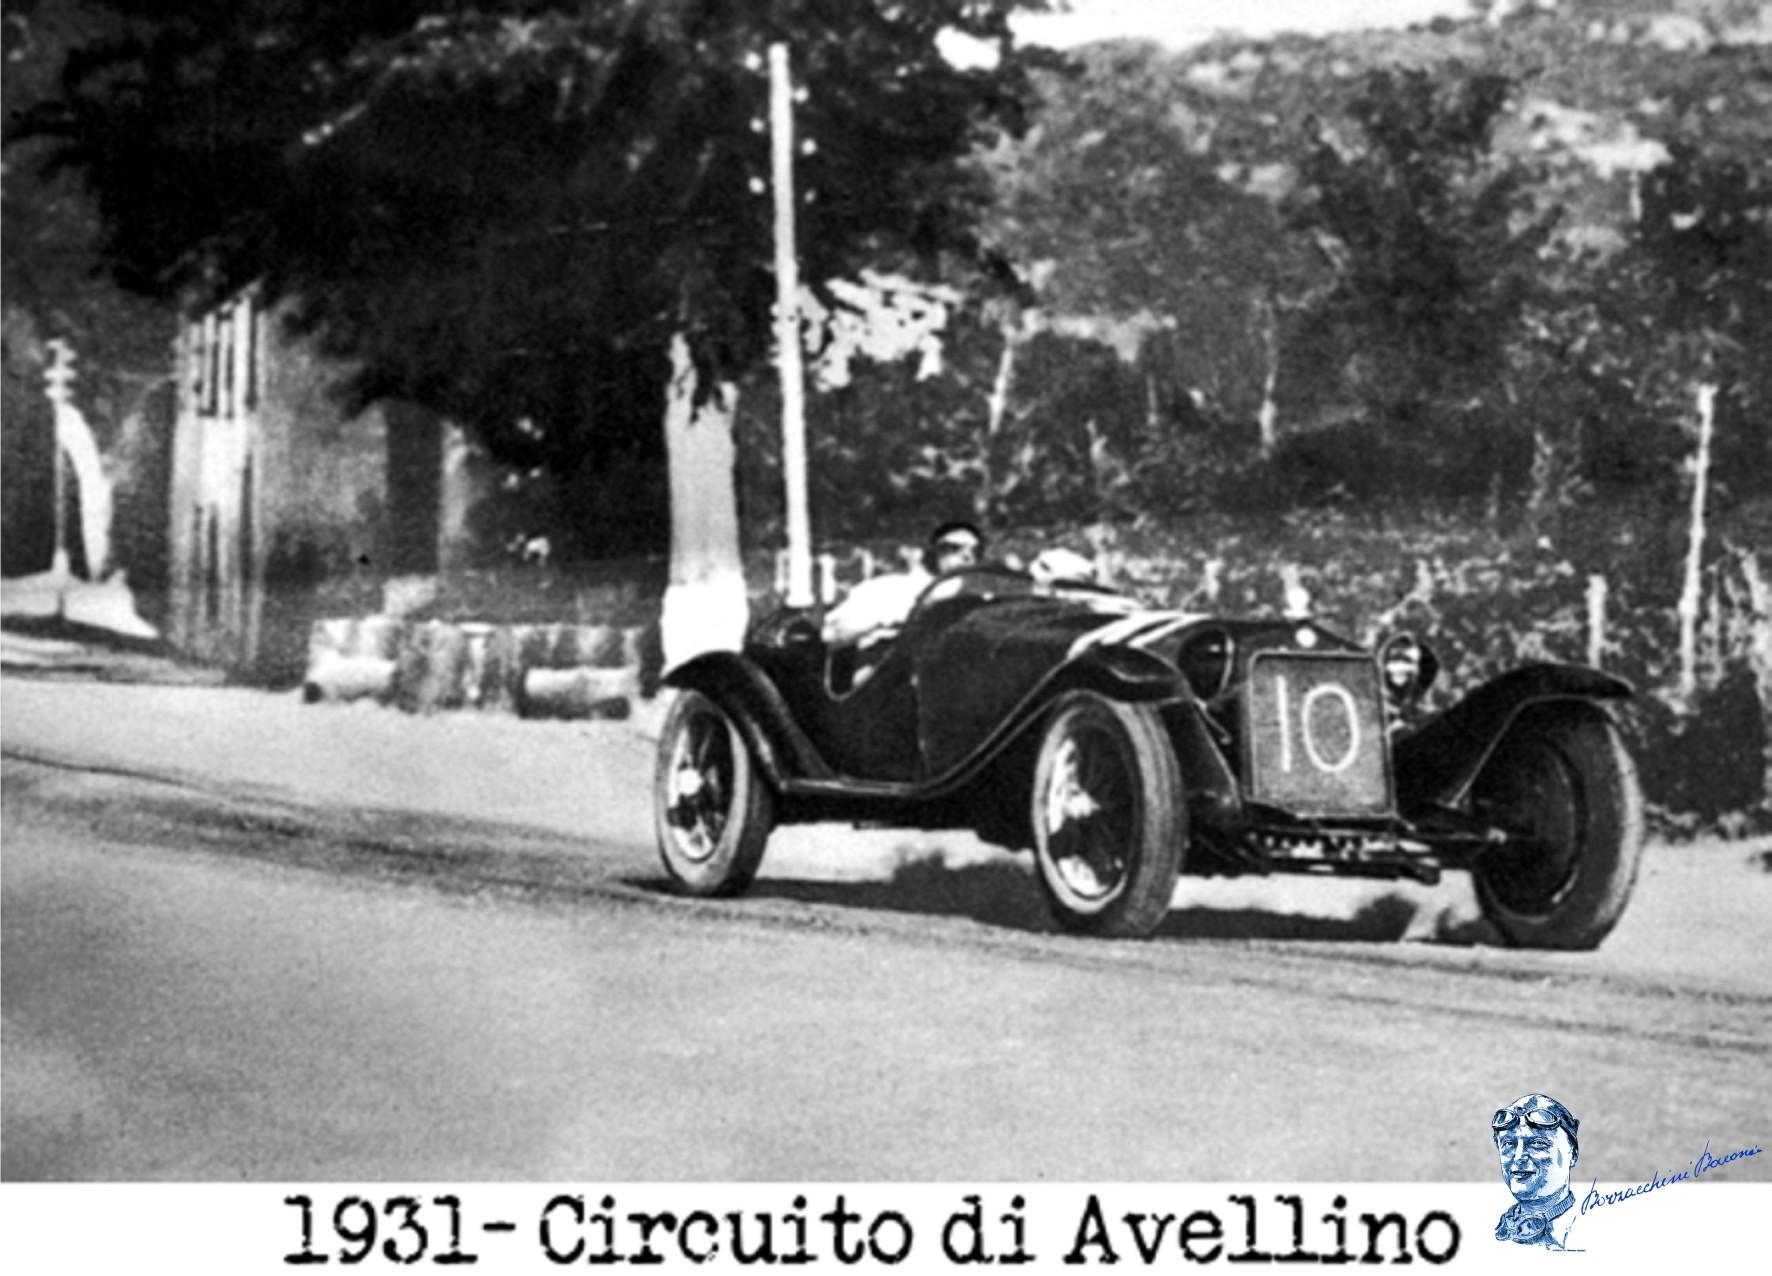 1931 circuito avellino 1